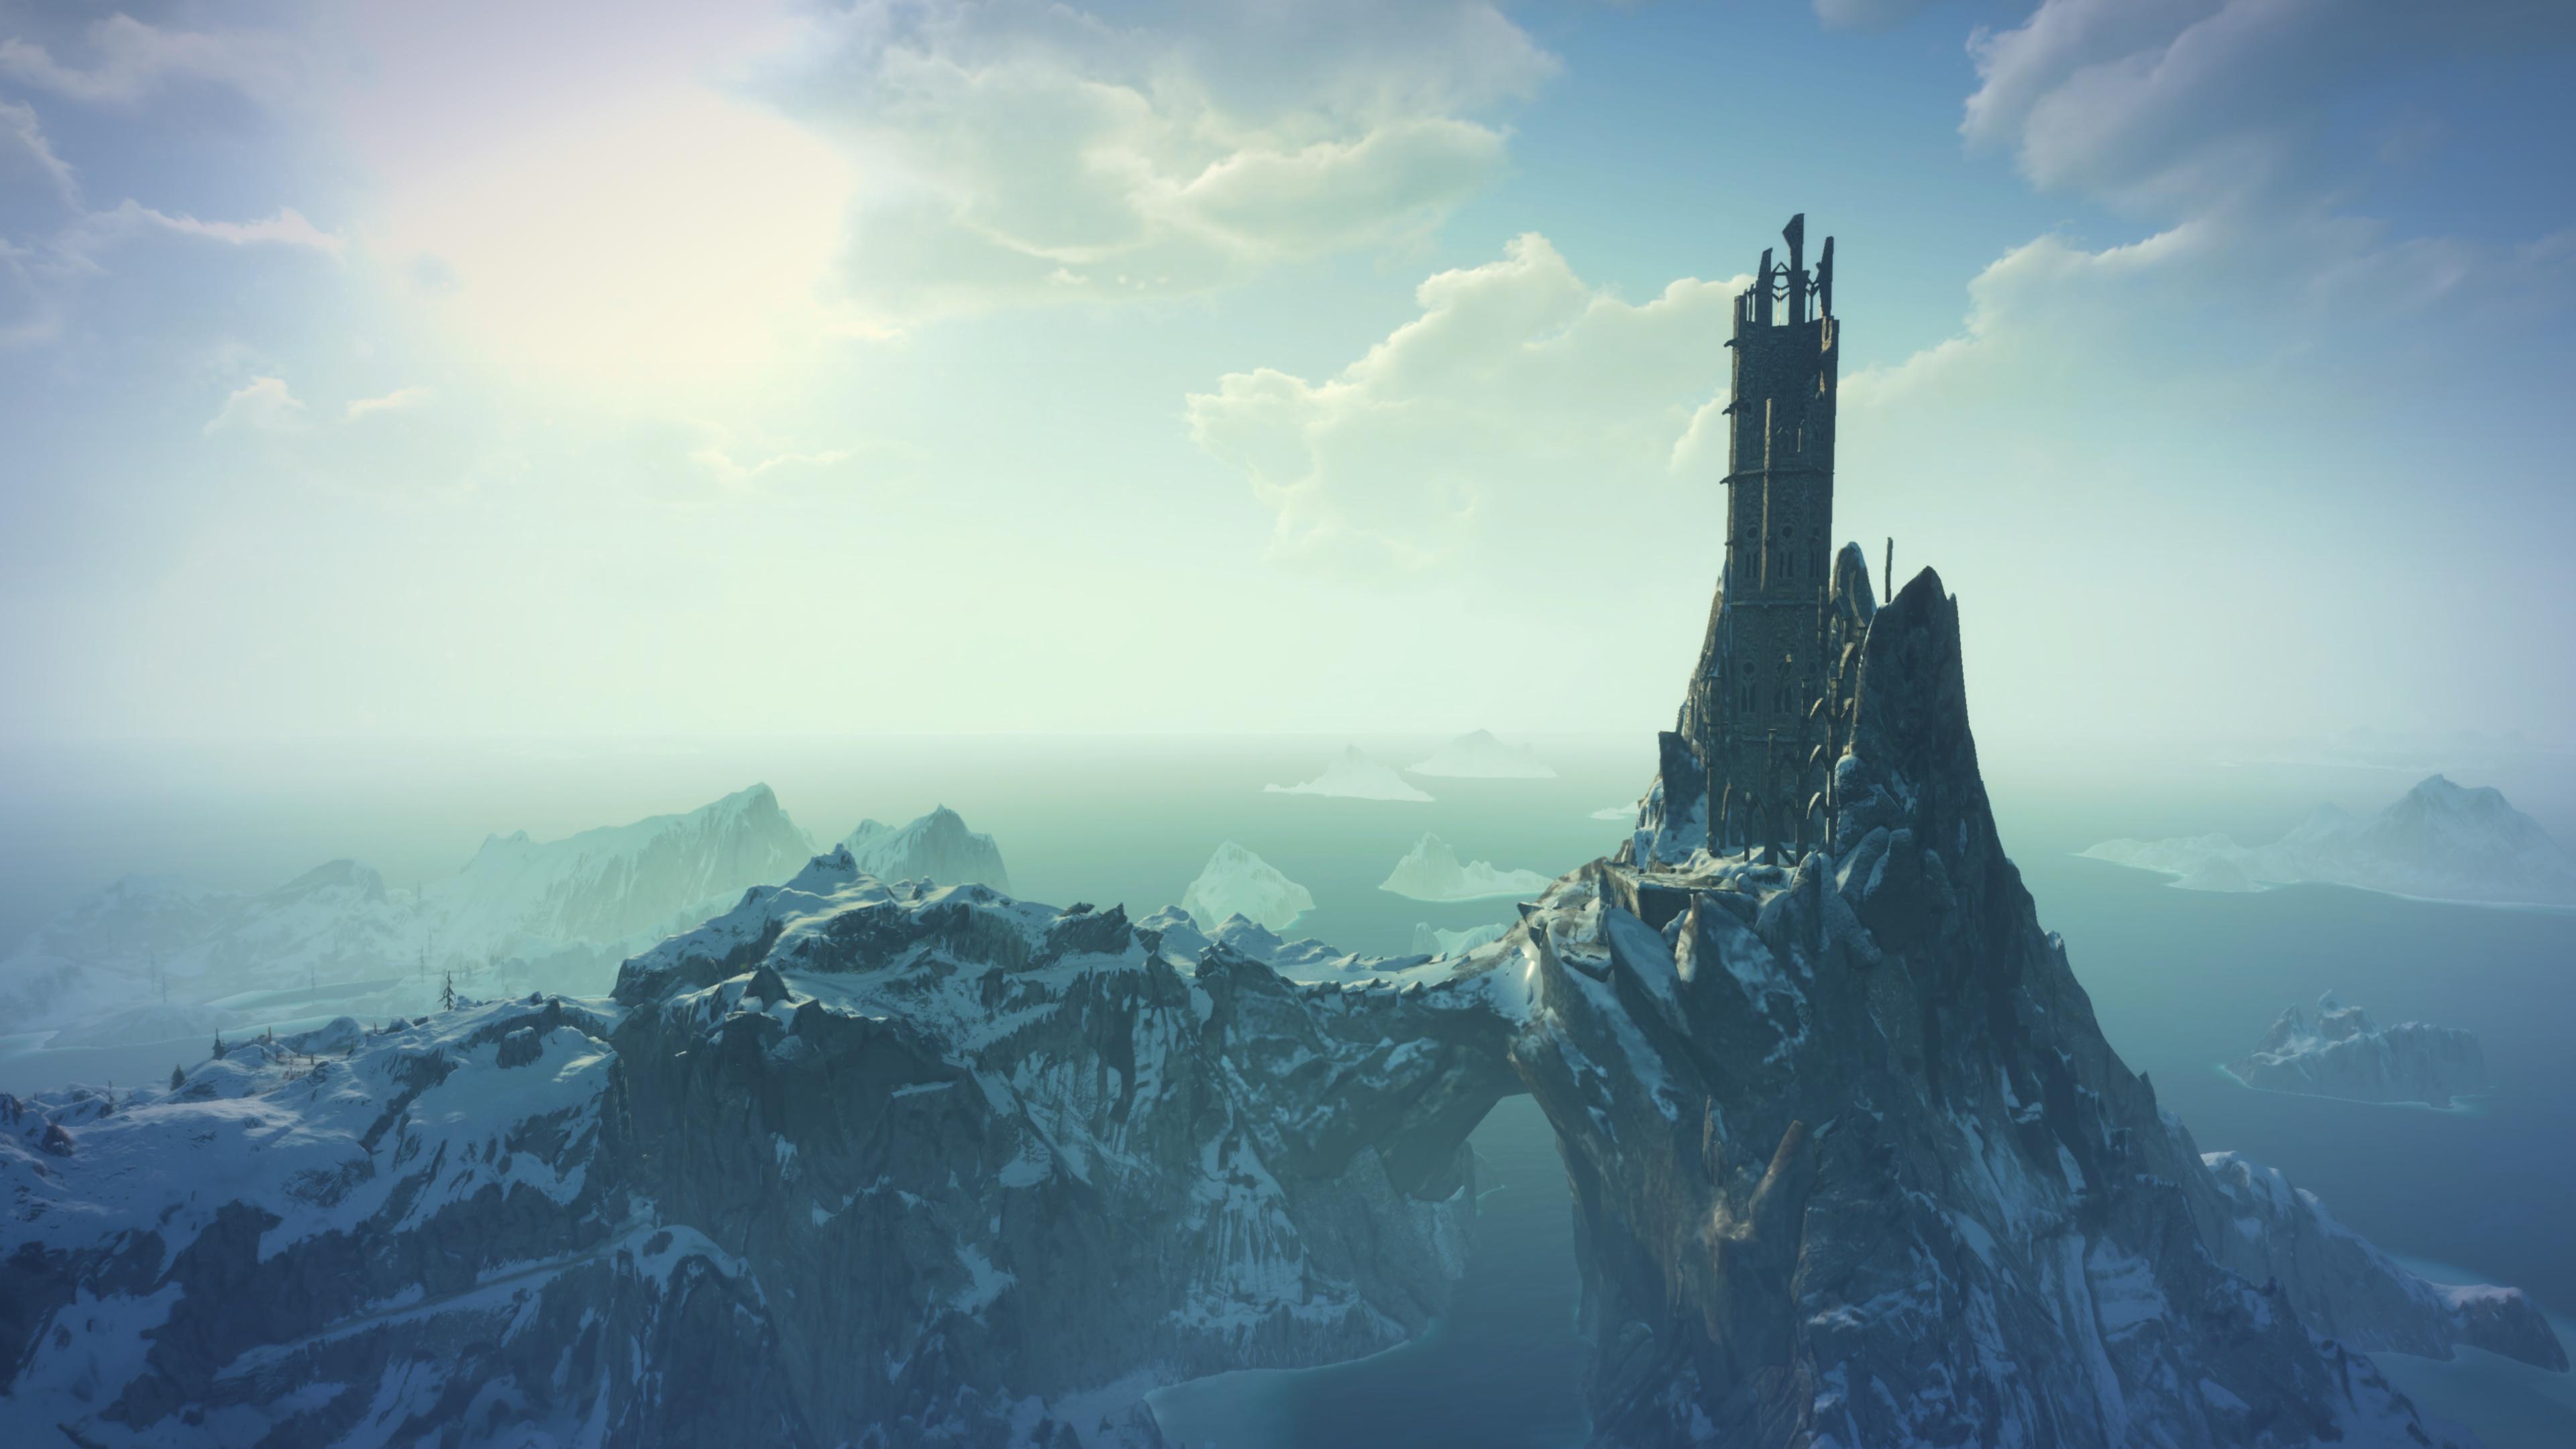 Desktop Hintergrundbilder The Witcher 3: Wild Hunt Spiele Ruinen 3840x2160 computerspiel